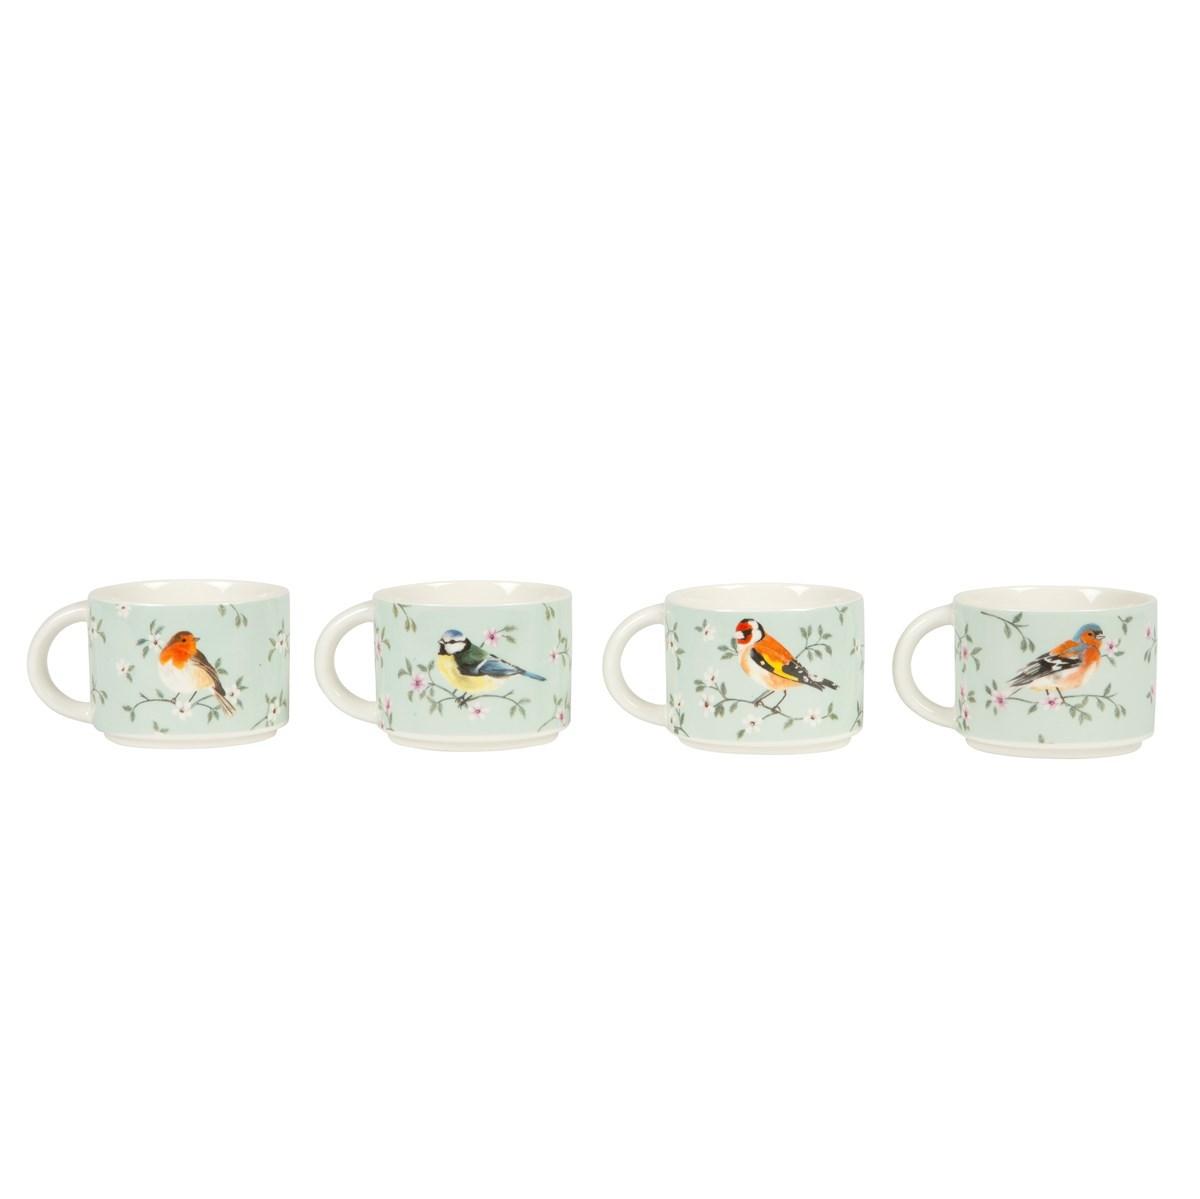 Set of 4 Garden Birds Stacking Mugs